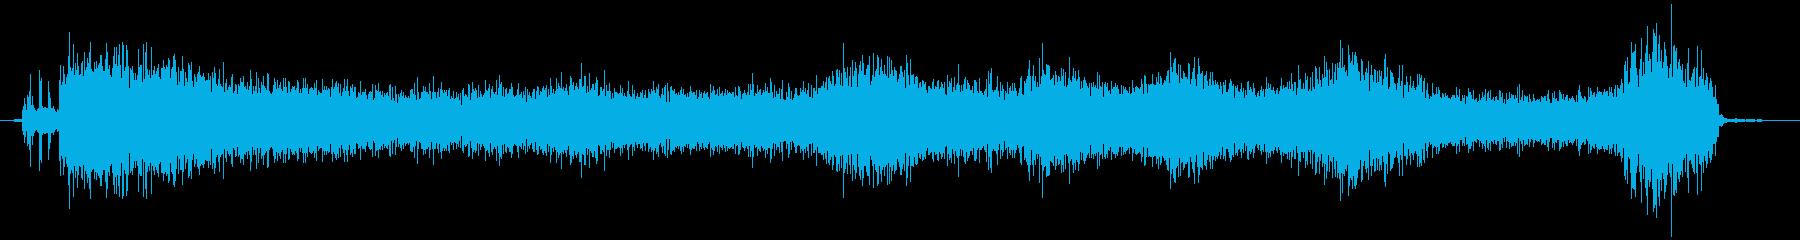 スプレー 噴射の再生済みの波形